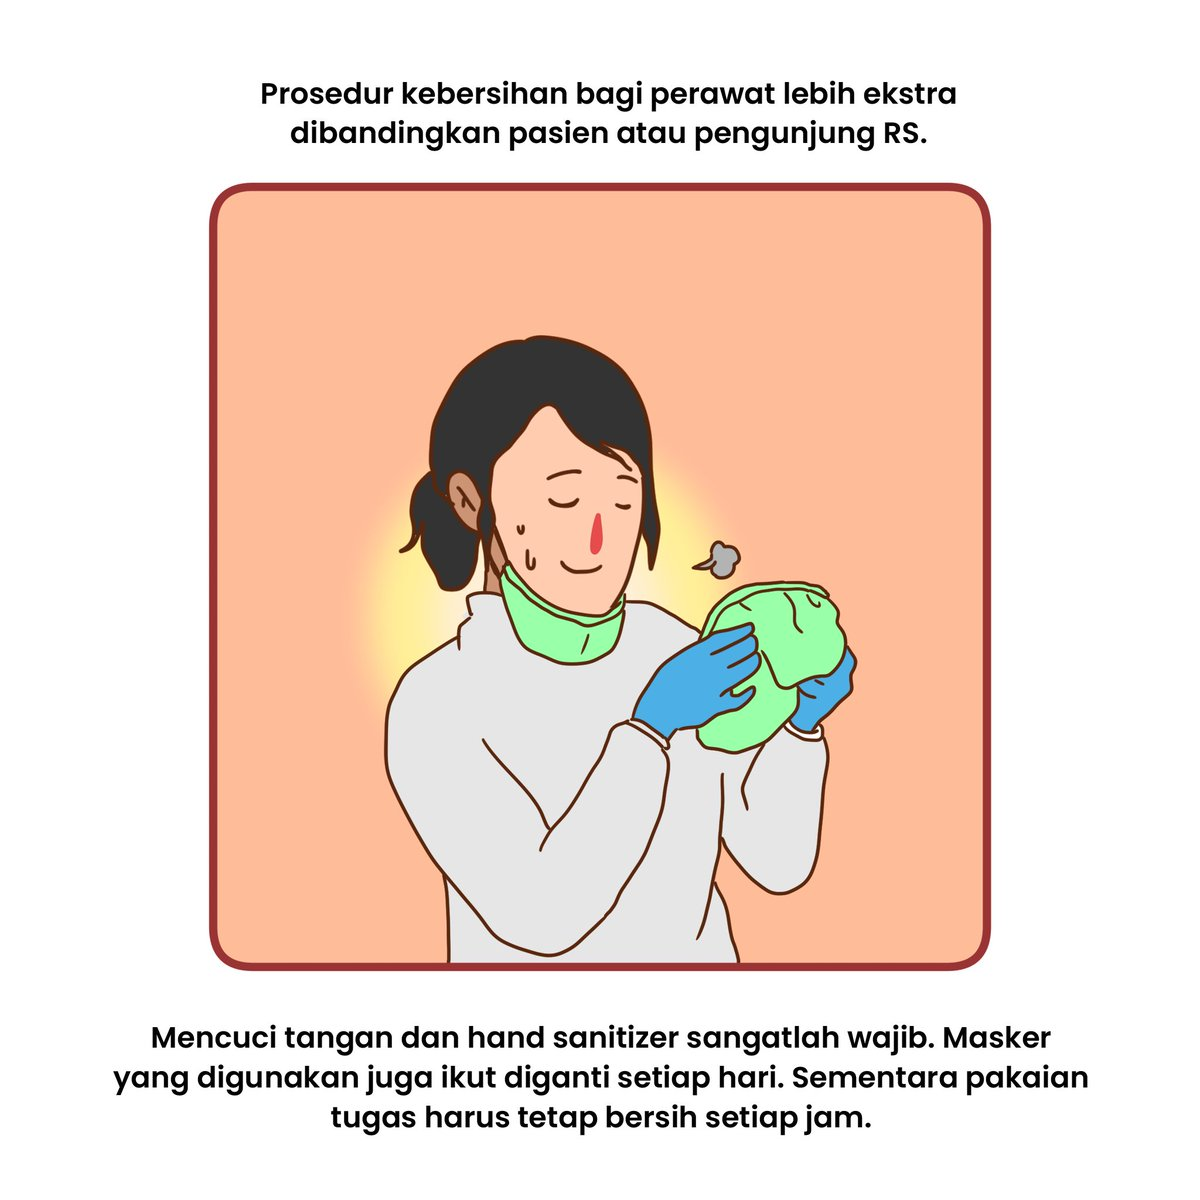 Contoh Poster Bahasa Jawa Tentang Pencegahan Covid 19 ...